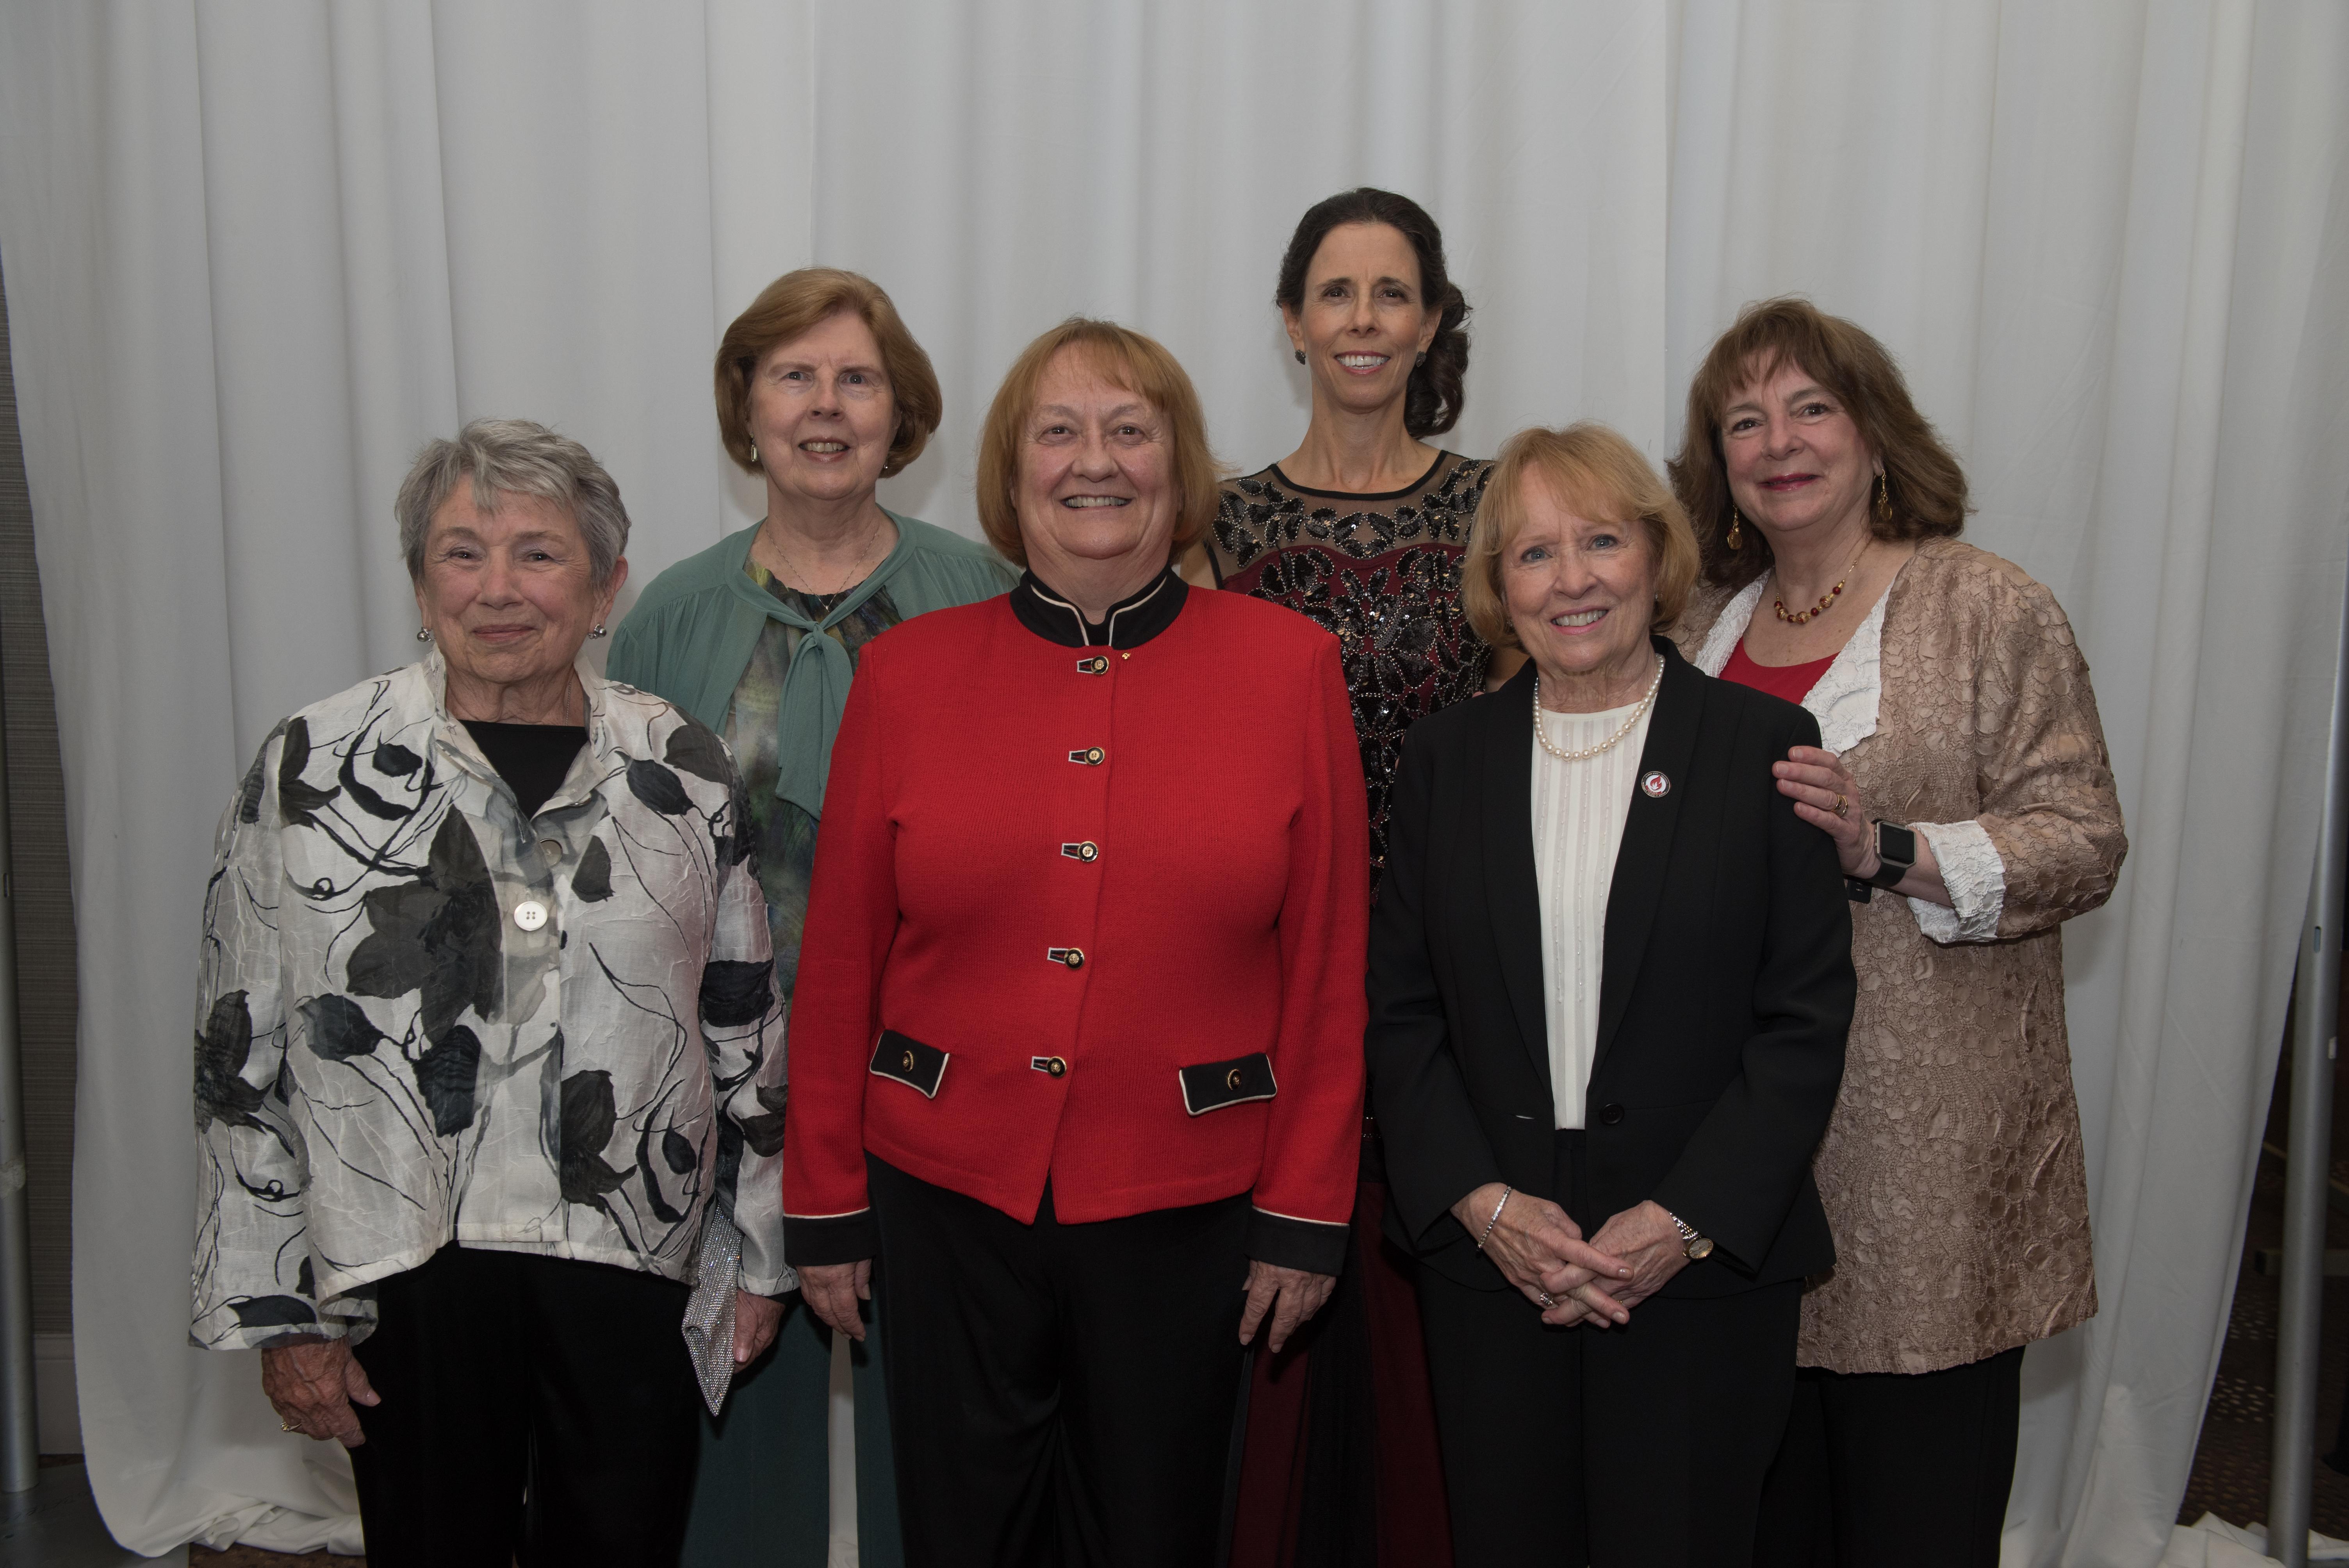 Mennonite College of Nursing Deans